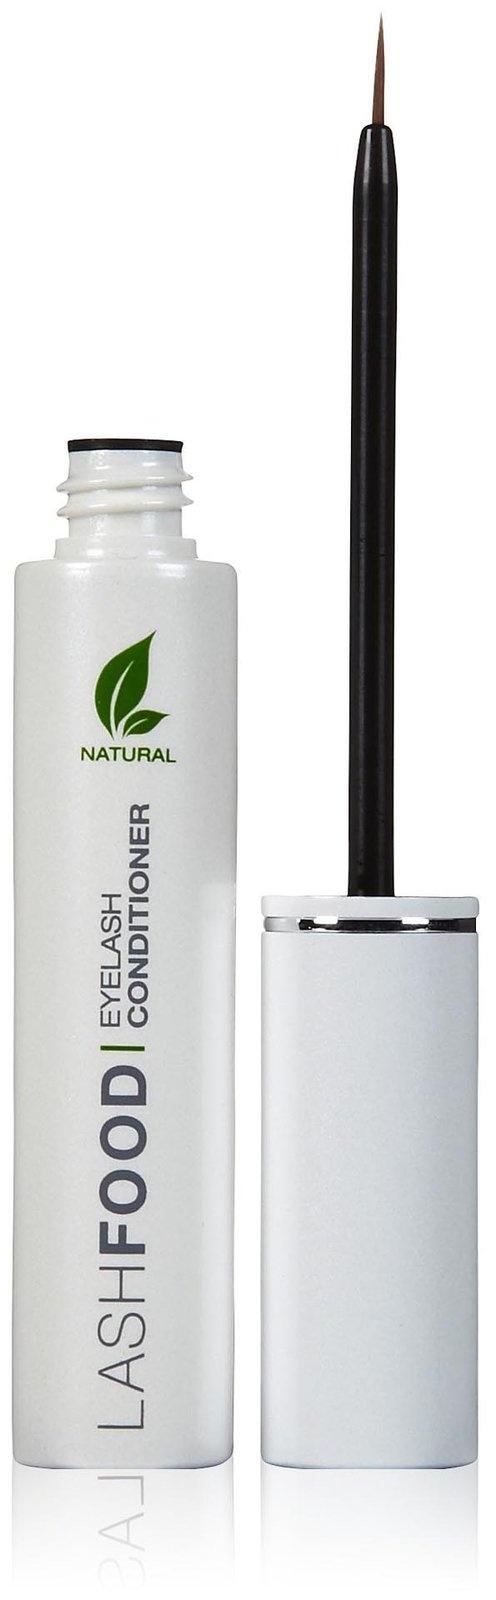 LashFood Nano-Peptide Natural Eyelash Conditioner - Free Shipping